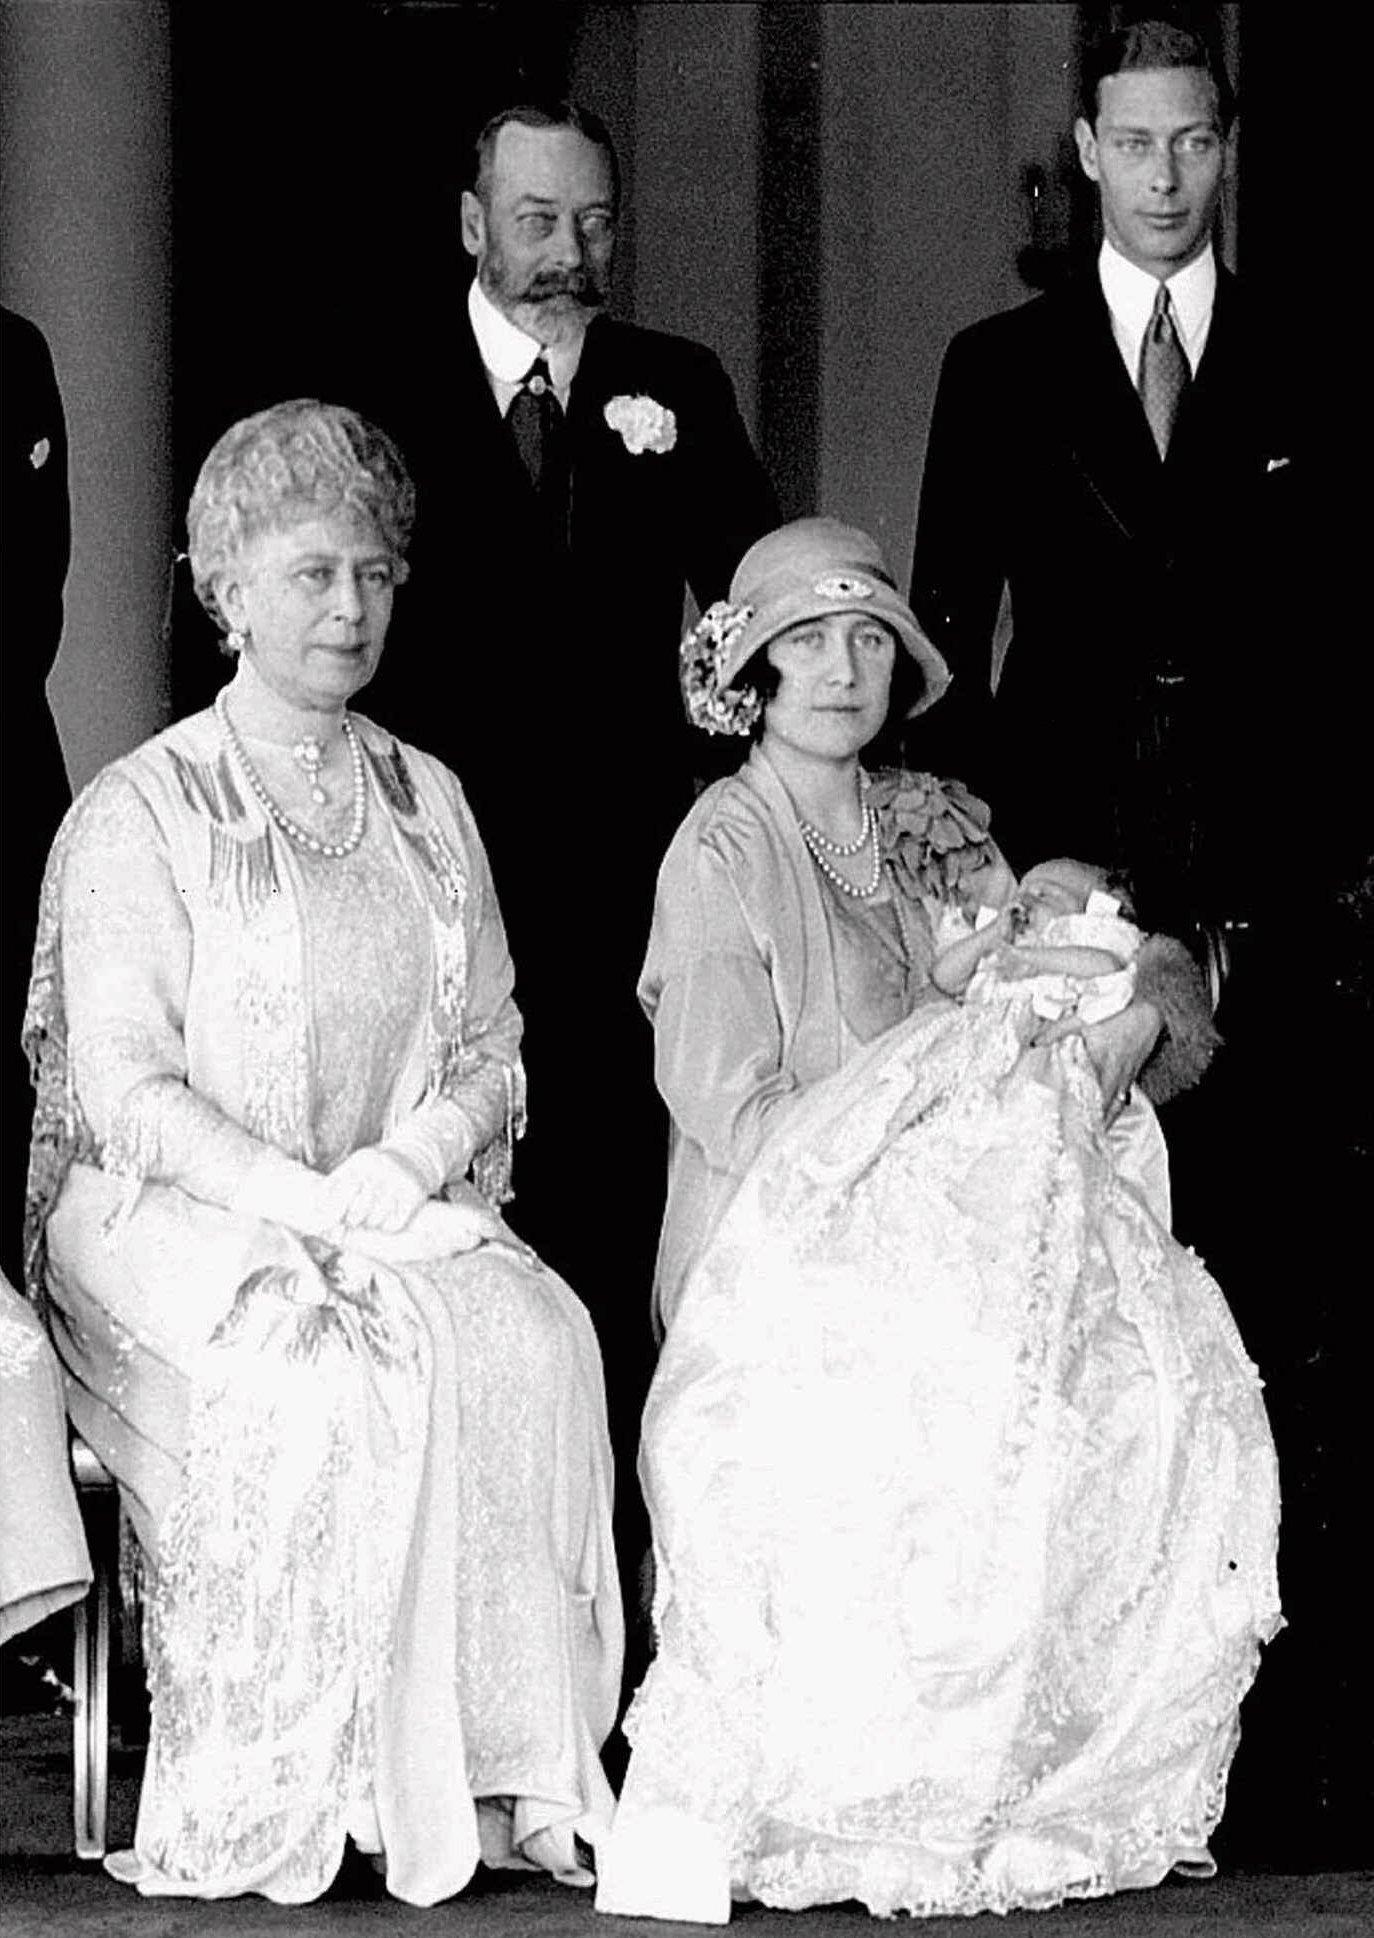 Bautizo de Elizabeth II en 1926. En la foto, la actual reina es cargada en brazos por su madre, Elizabeth I. Junto a ellas, su abuela, Mary de Teck. En la parte de atrás, George V y George VI, abuelo y padre, respectivamente. (Archivo)